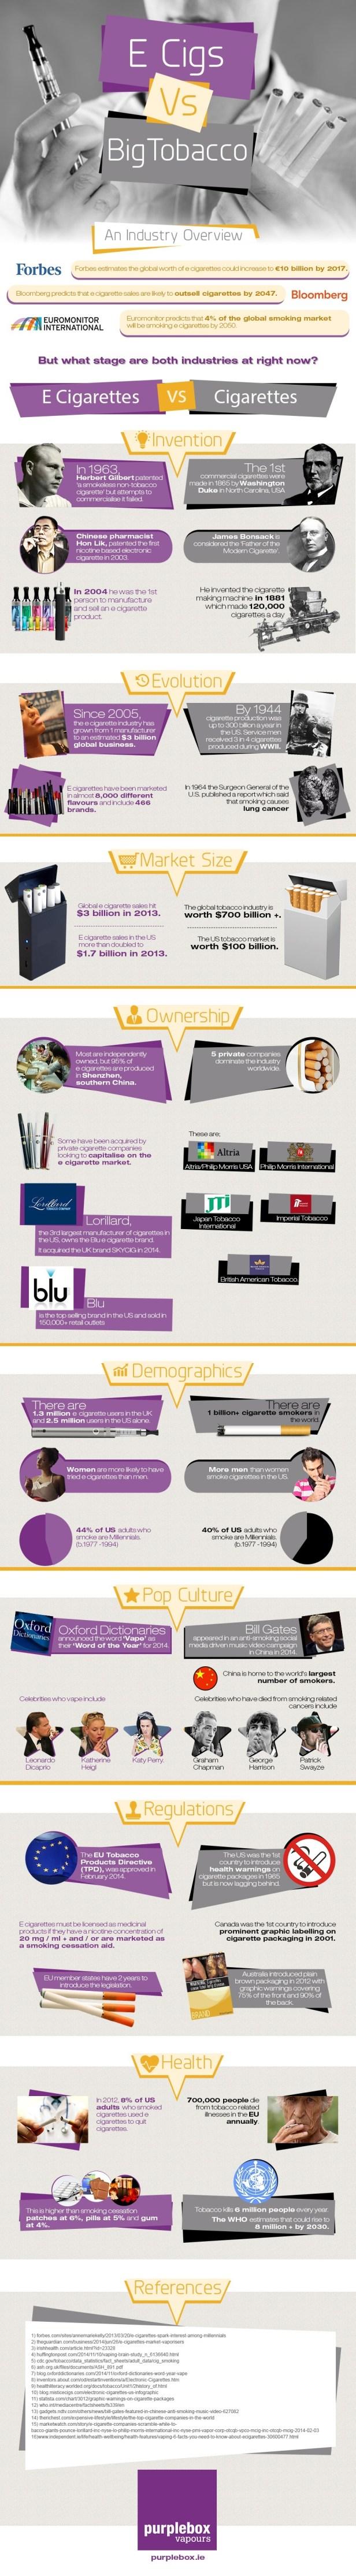 E Cigs vs Big Tobacco Infographic